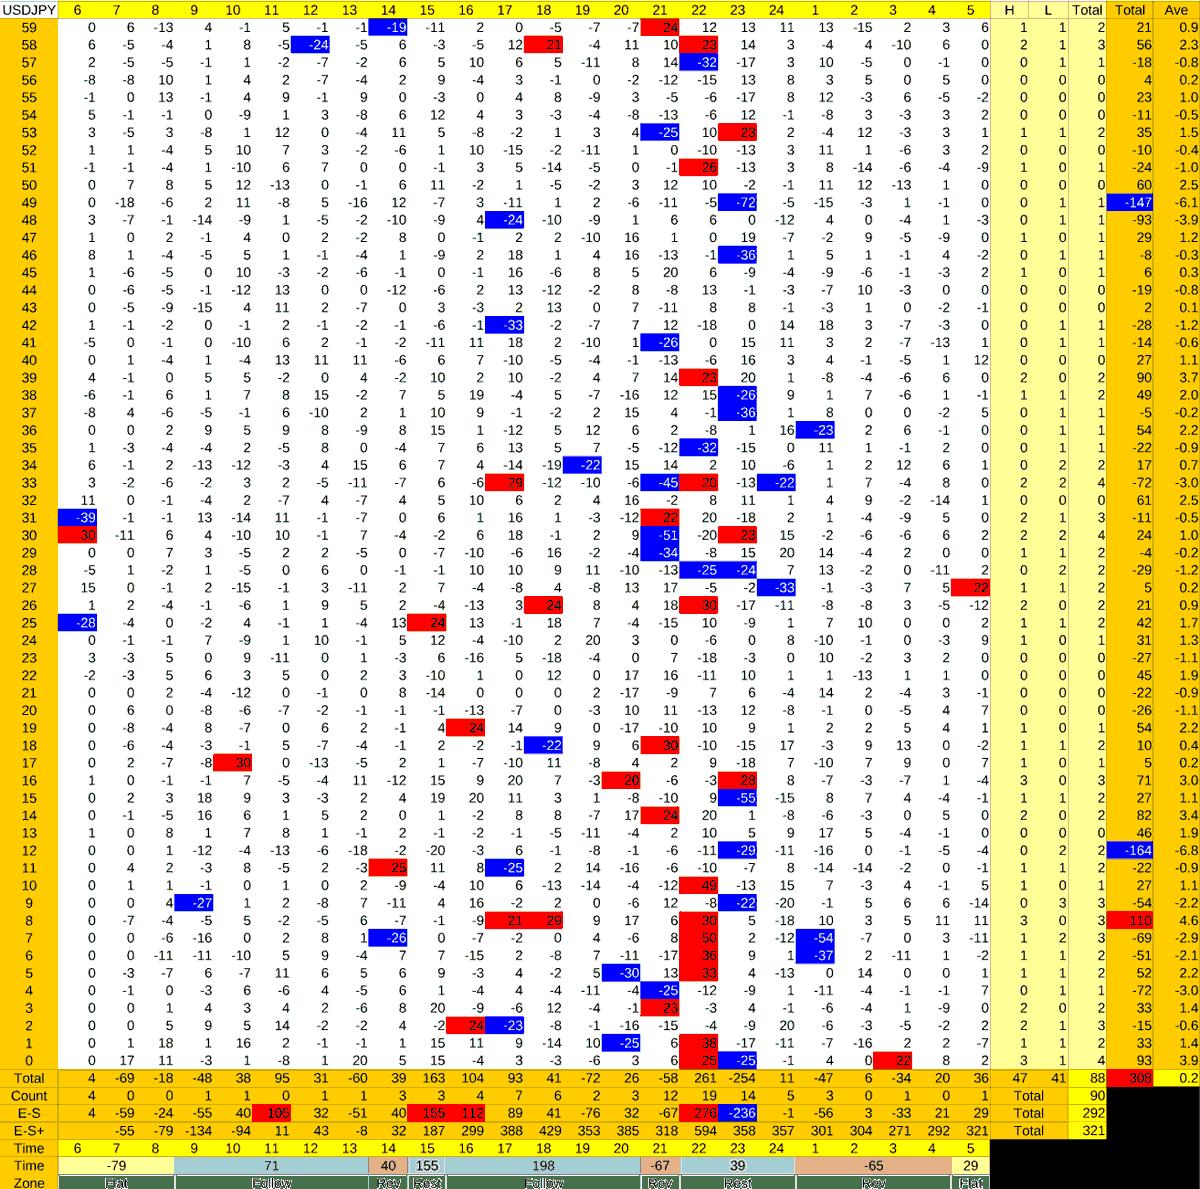 20210429_HS(1)USDJPY